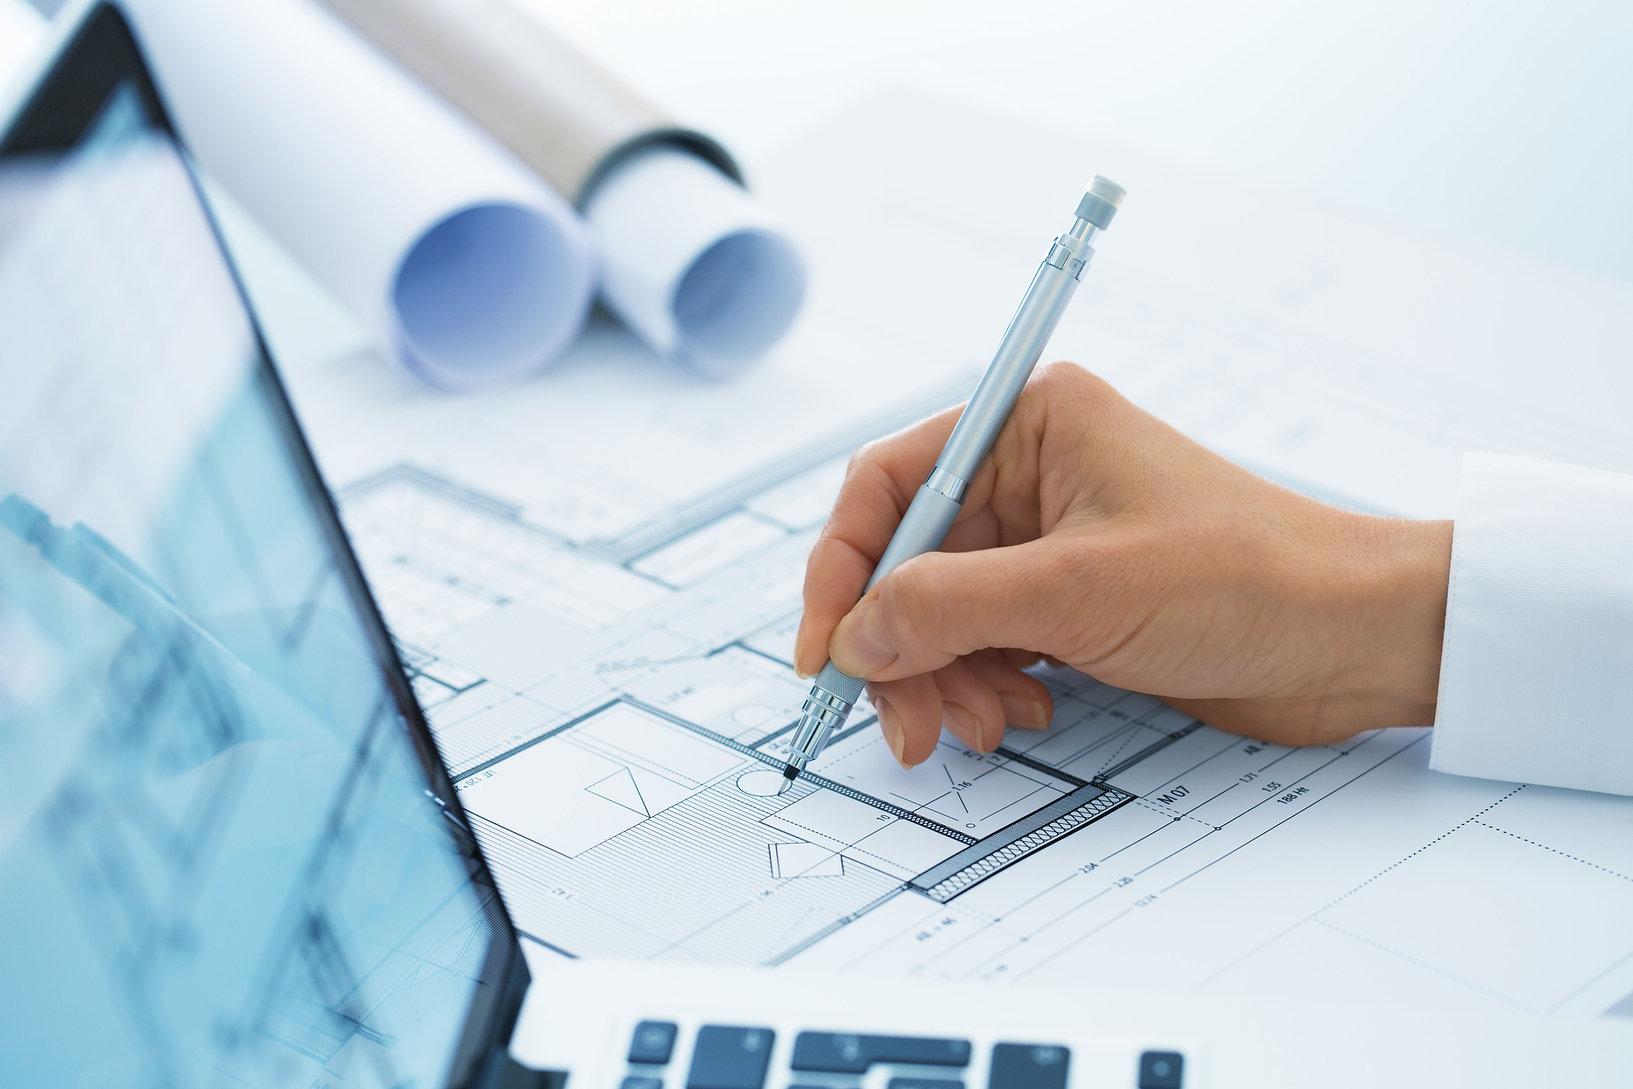 Modelo de Arquitetura Desenhando